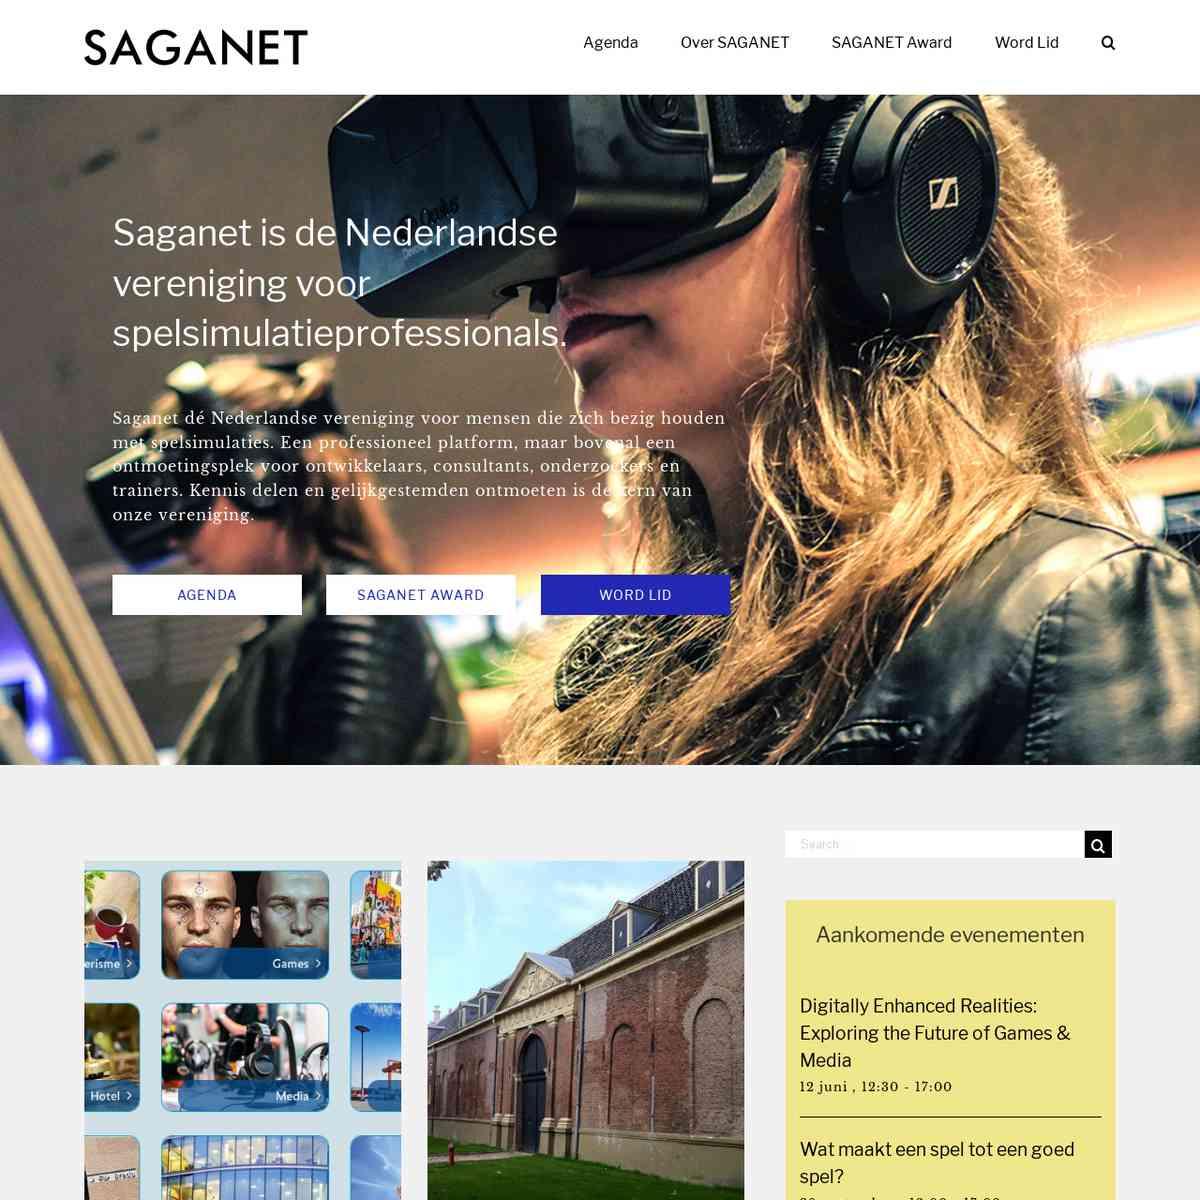 saganet.nl